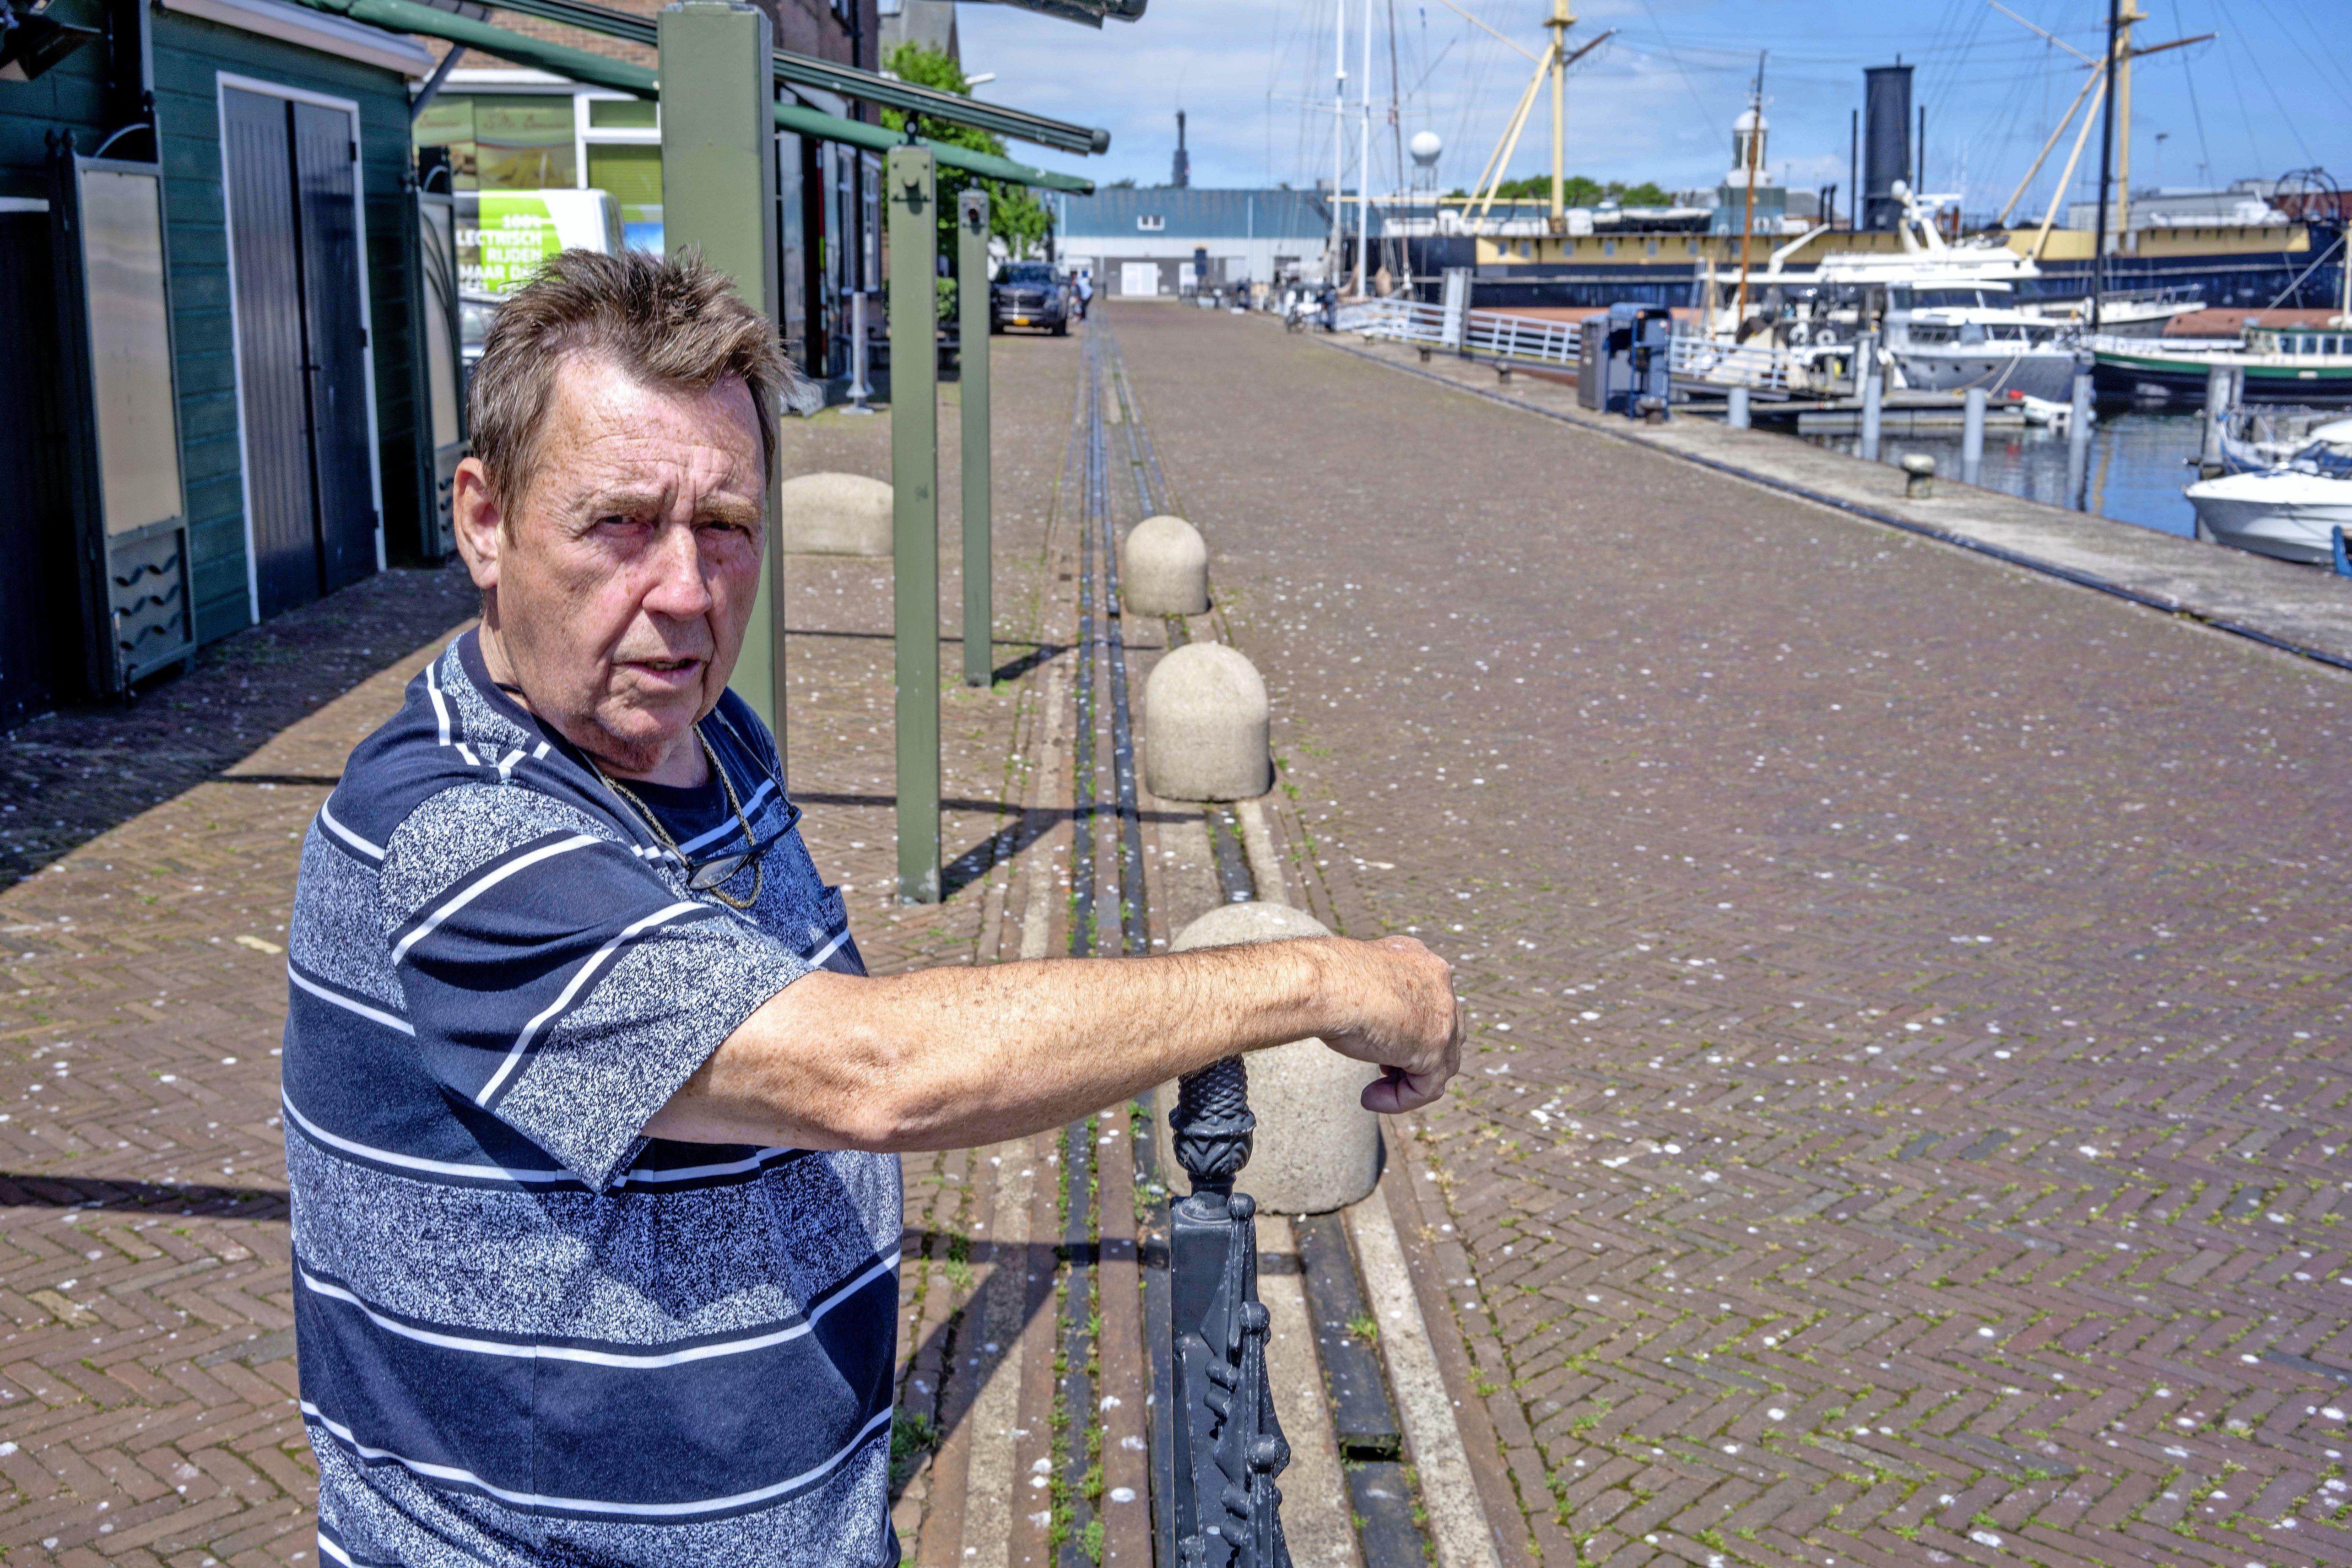 Broedende meeuwen zorgen voor opwinding in Den Helder. 'Overvliegende meeuw laat uitwerpselen precies op mijn uitsmijter vallen!'